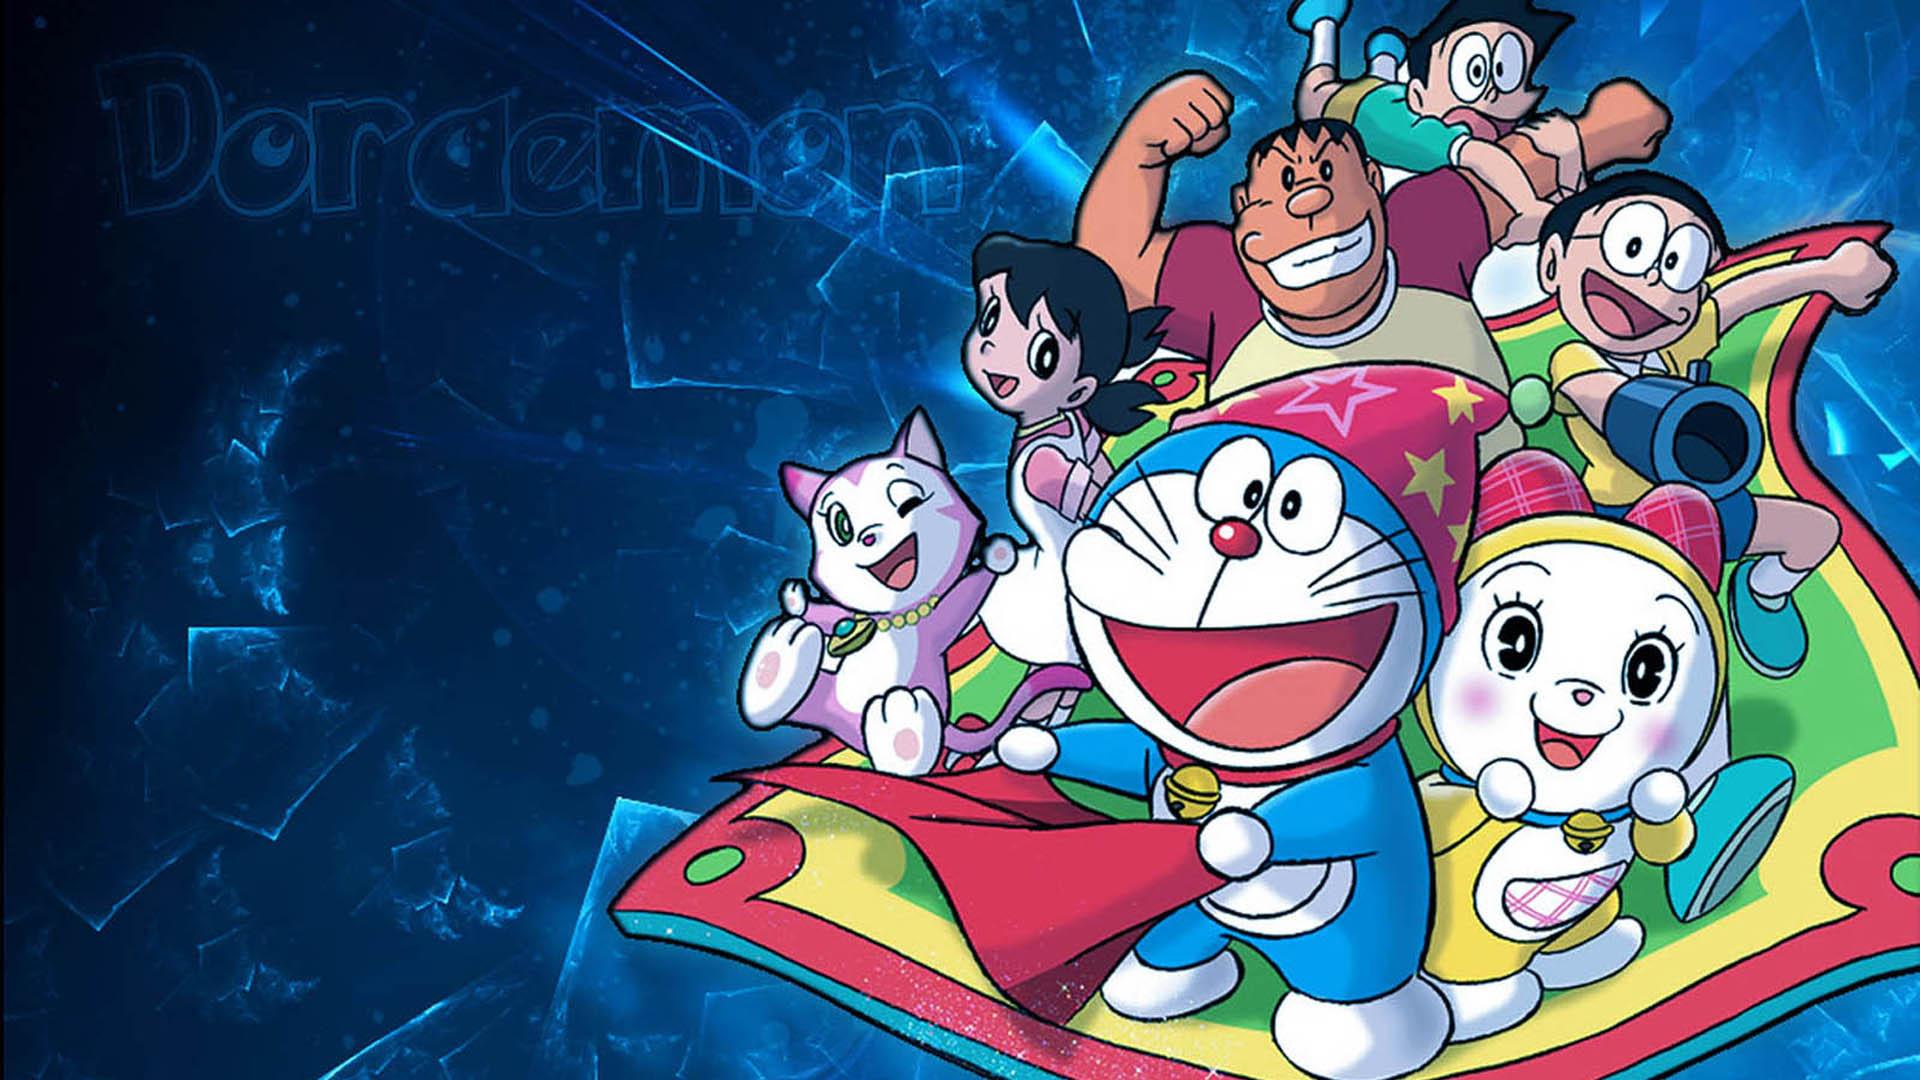 Doraemon wallpaper 4